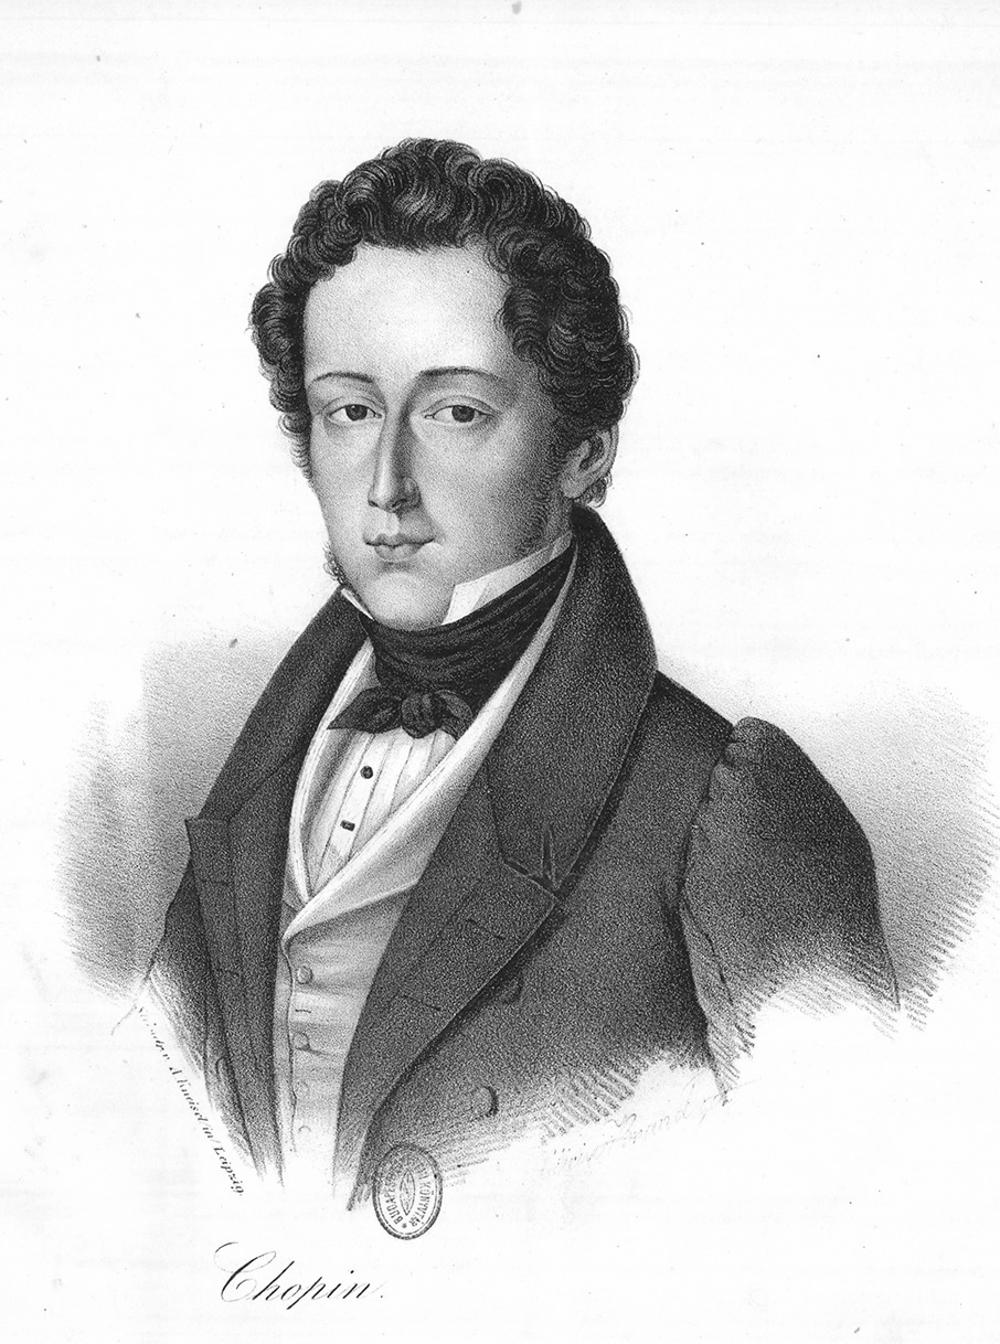 Frederic_Chopin_-_litográfia_Kneisel.jpg